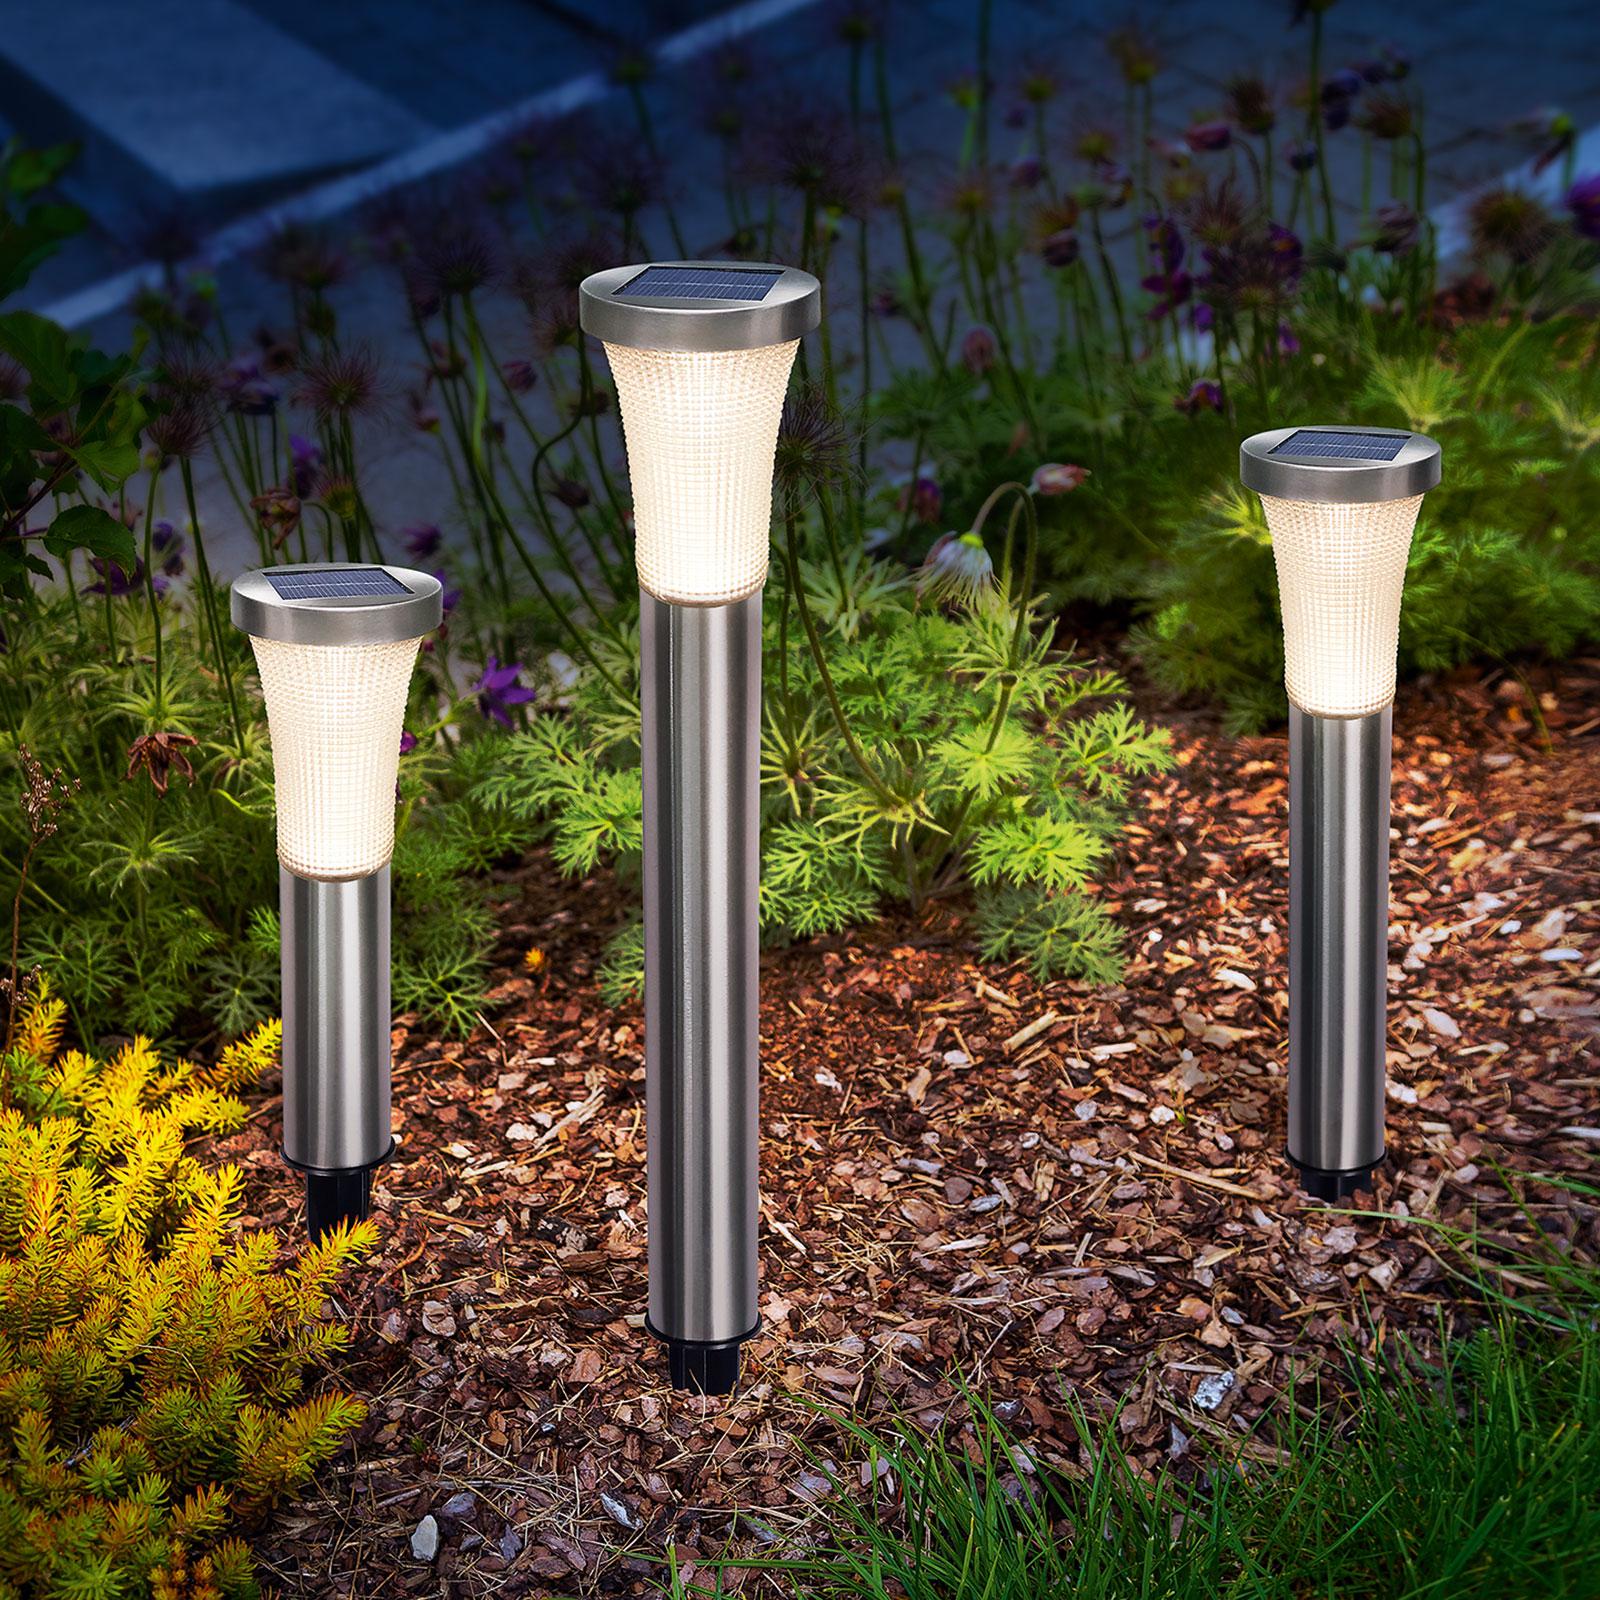 Padua LED-solcelle-lampe med jordspyd 3pk.